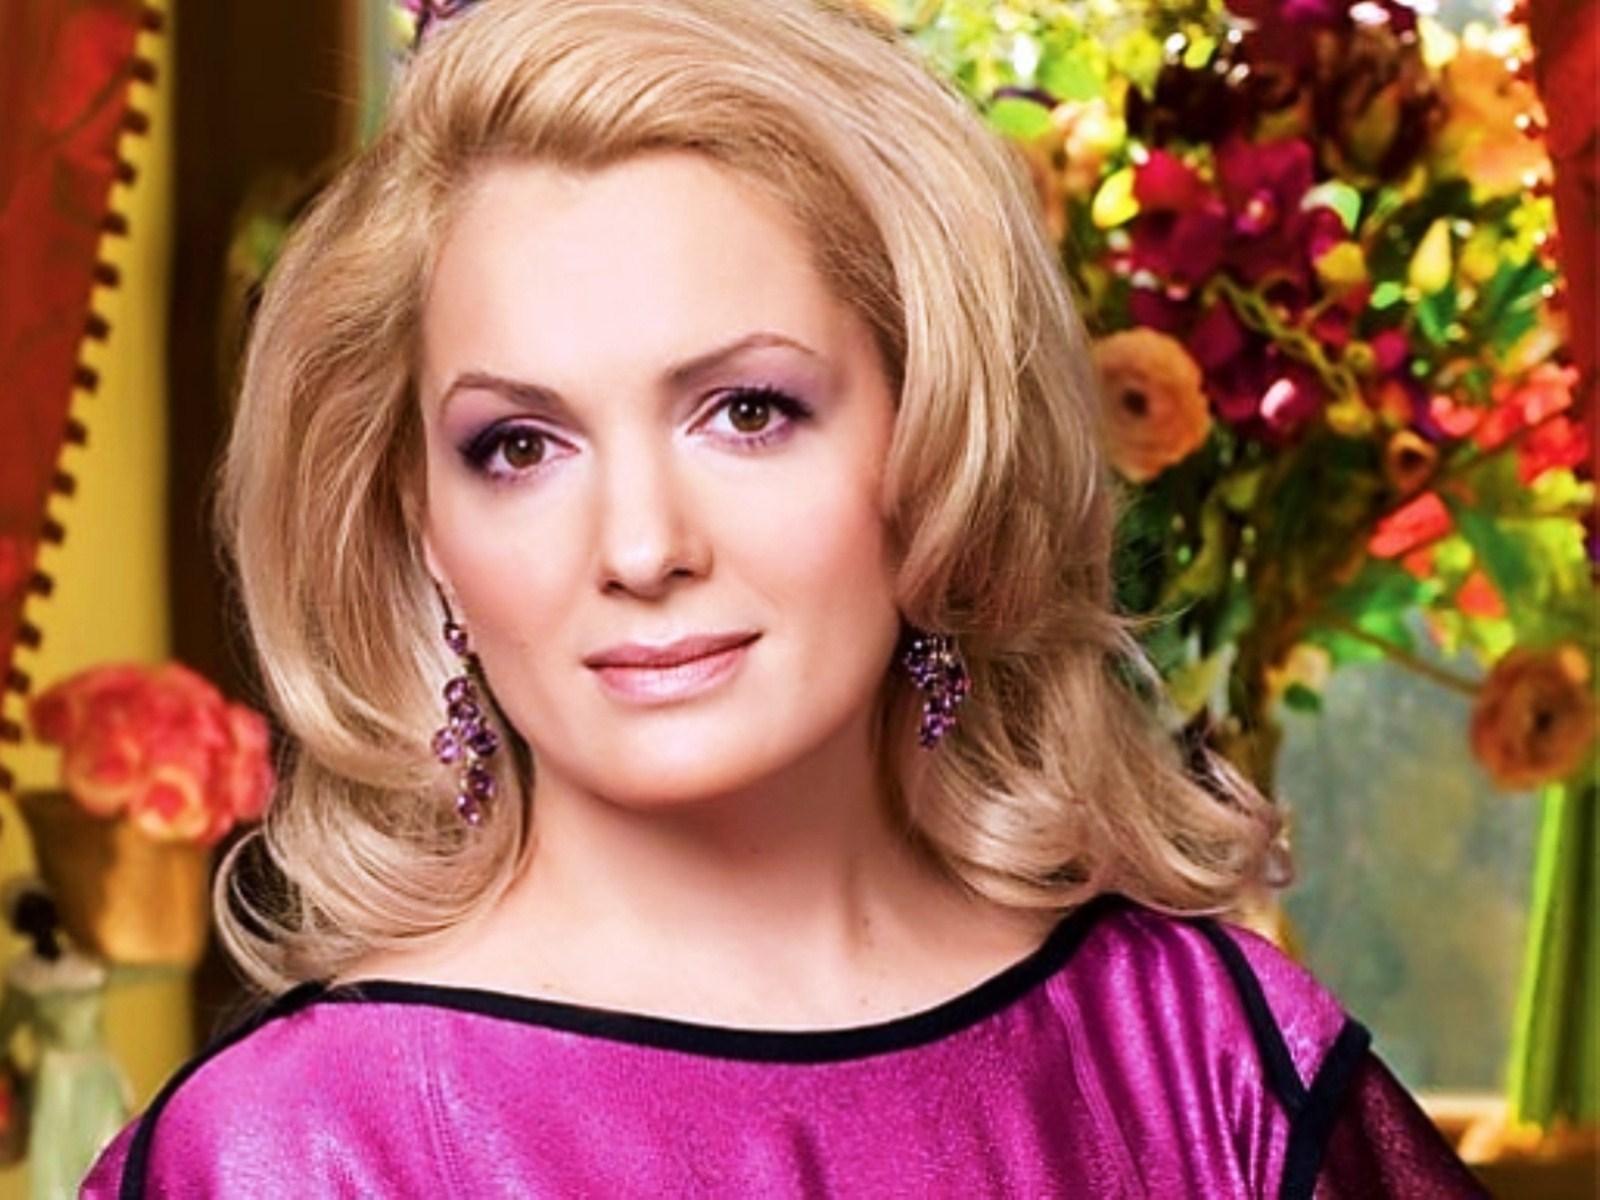 Фотографии знаменитых российских актрис 2 фотография